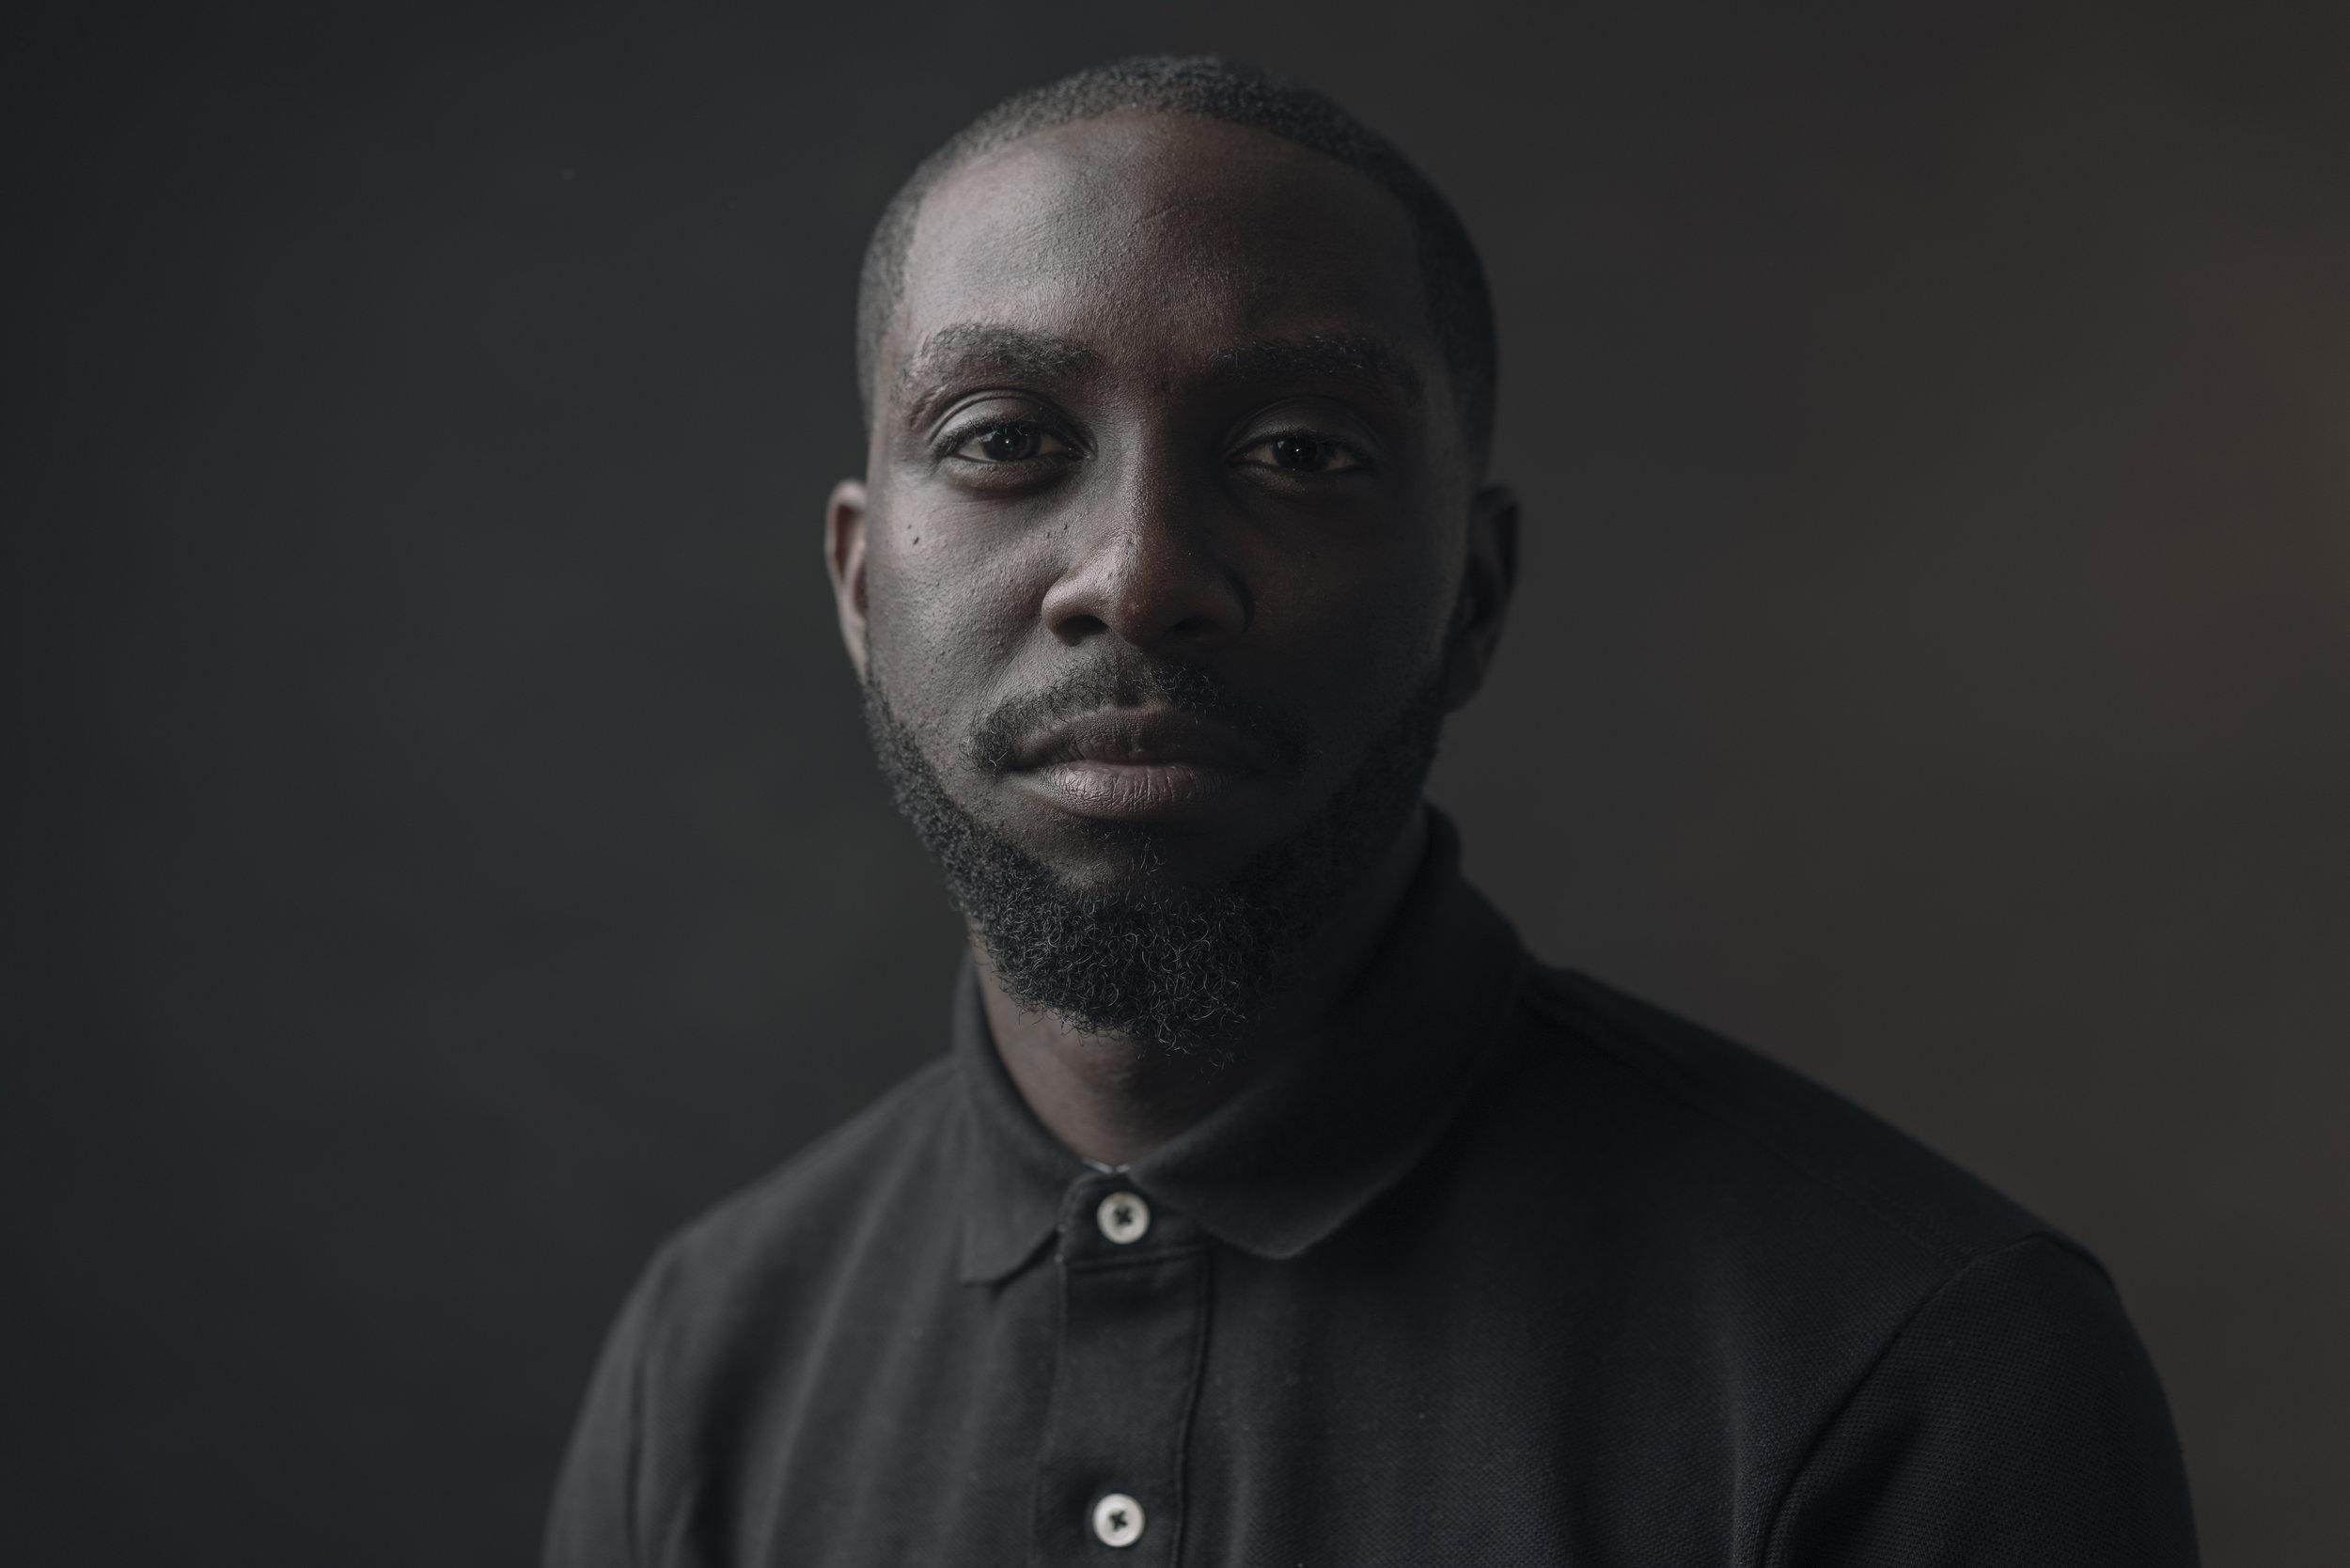 Don Fredericko - Creative Director/Producer